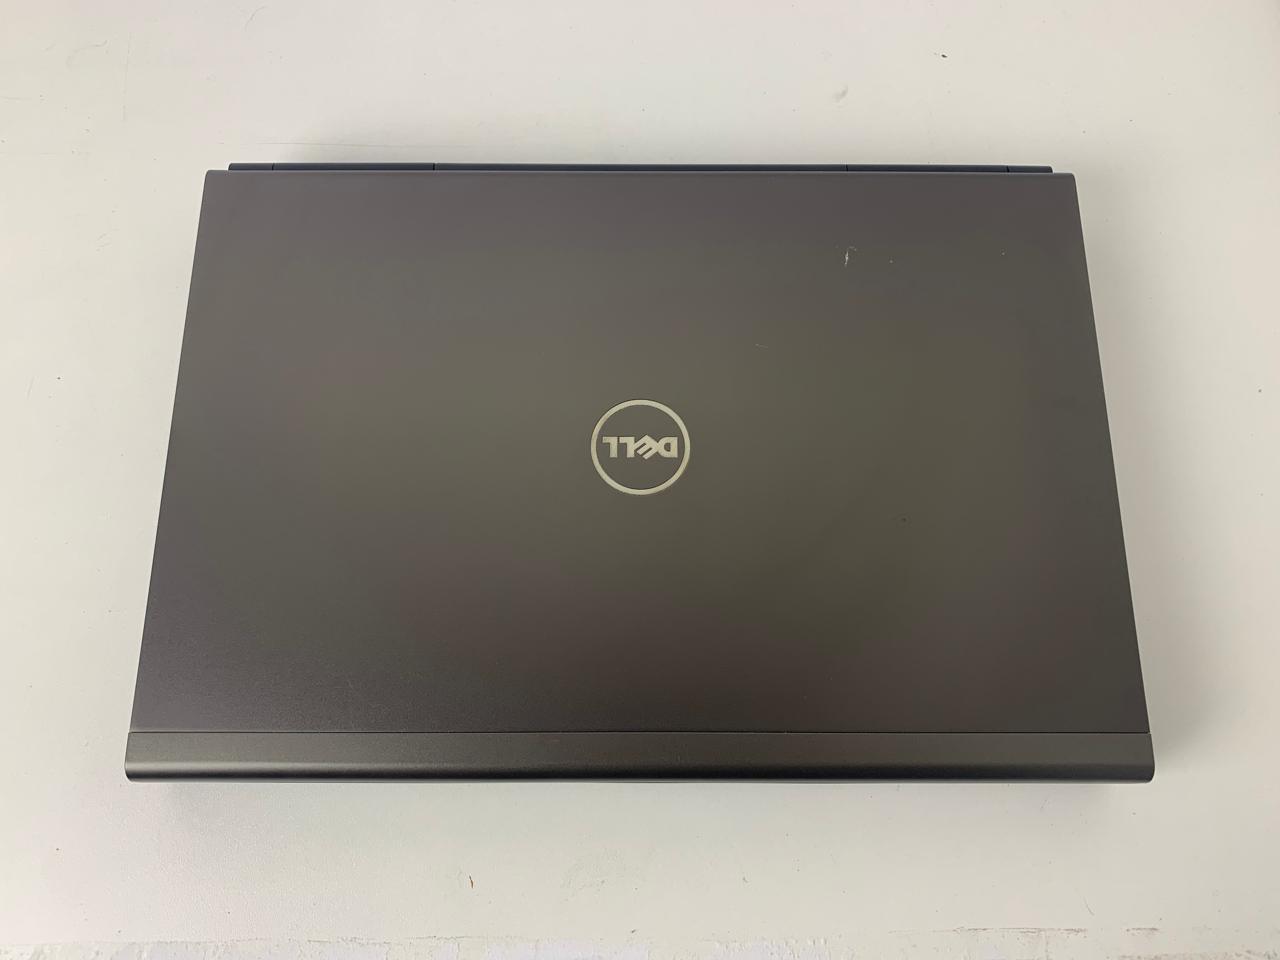 """25 UNIDADES - Work Note Dell Precision M4800 - Estação de Trabalho - 15,6"""" Intel Core i7 2.8Ghz 8GB HD-1TB + 2GB Dedicada + Alphanumérico"""